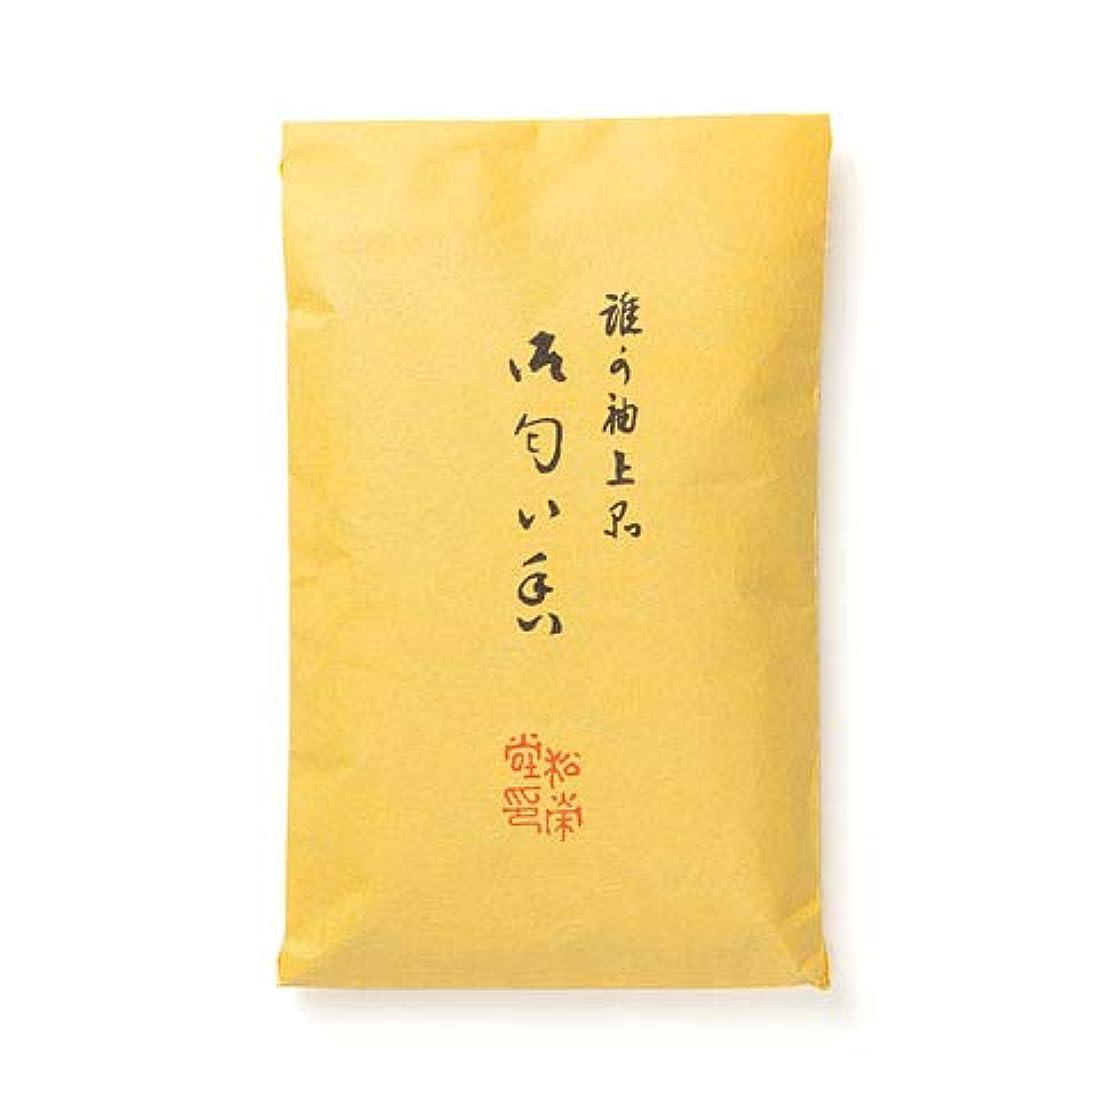 蒸気キャベツデザート松栄堂 誰が袖 上品 匂い香 50g袋入